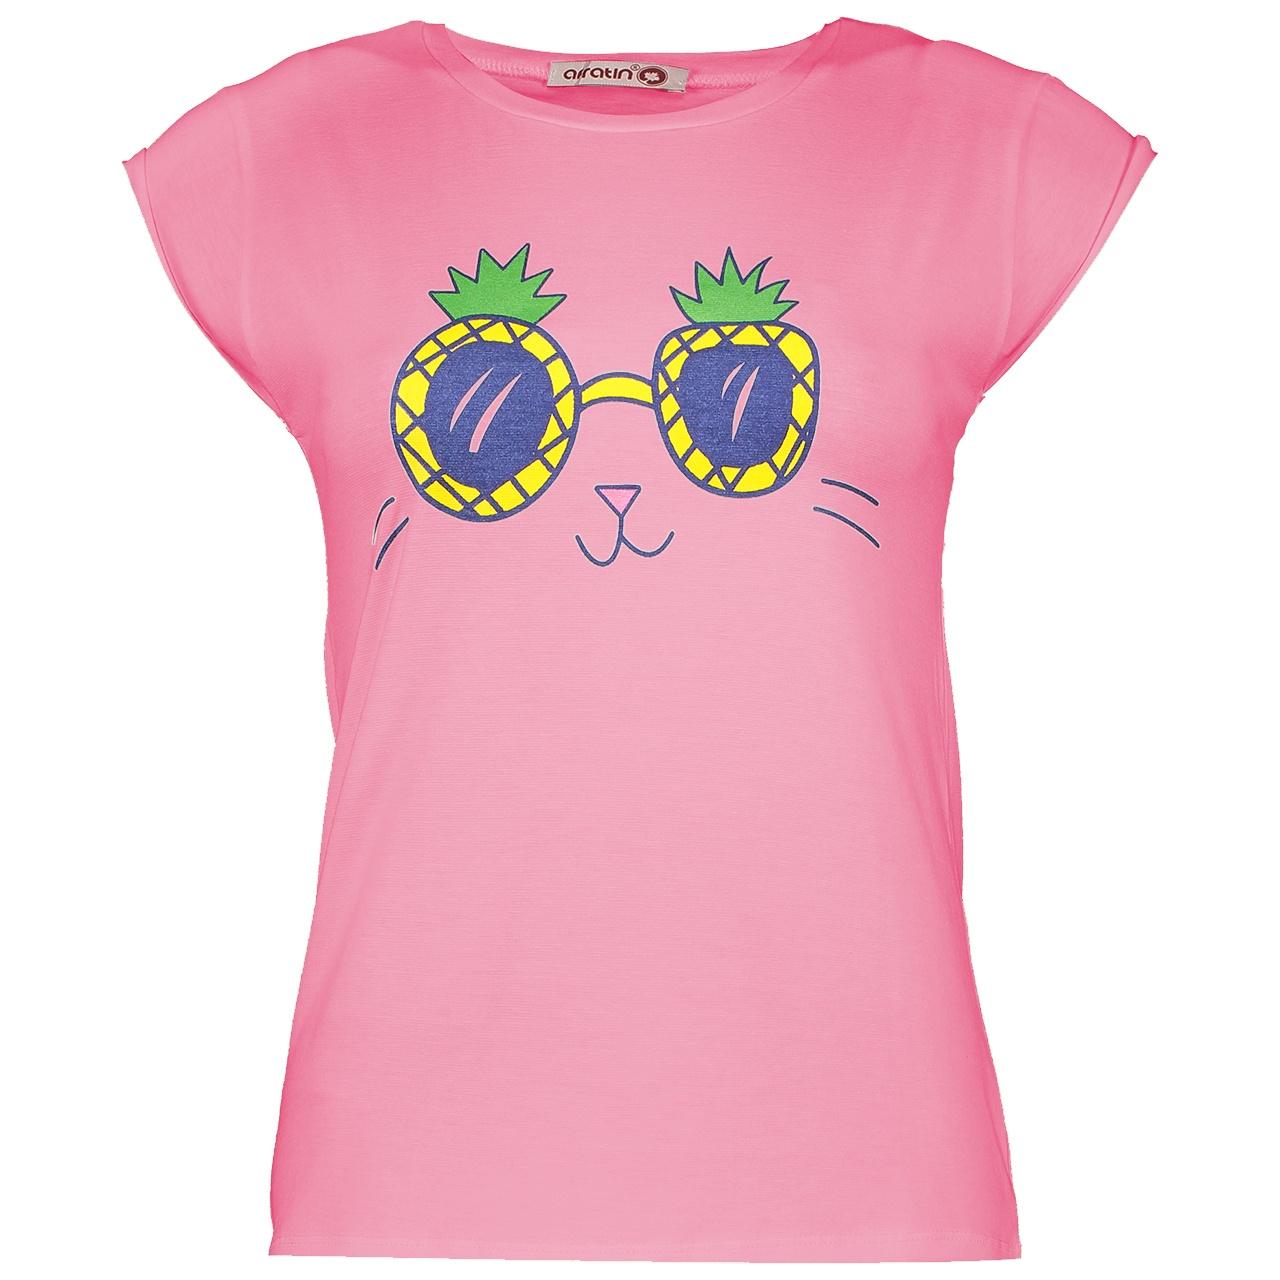 تی شرت زنانه افراتین کد 2533/5 رنگ صورتی